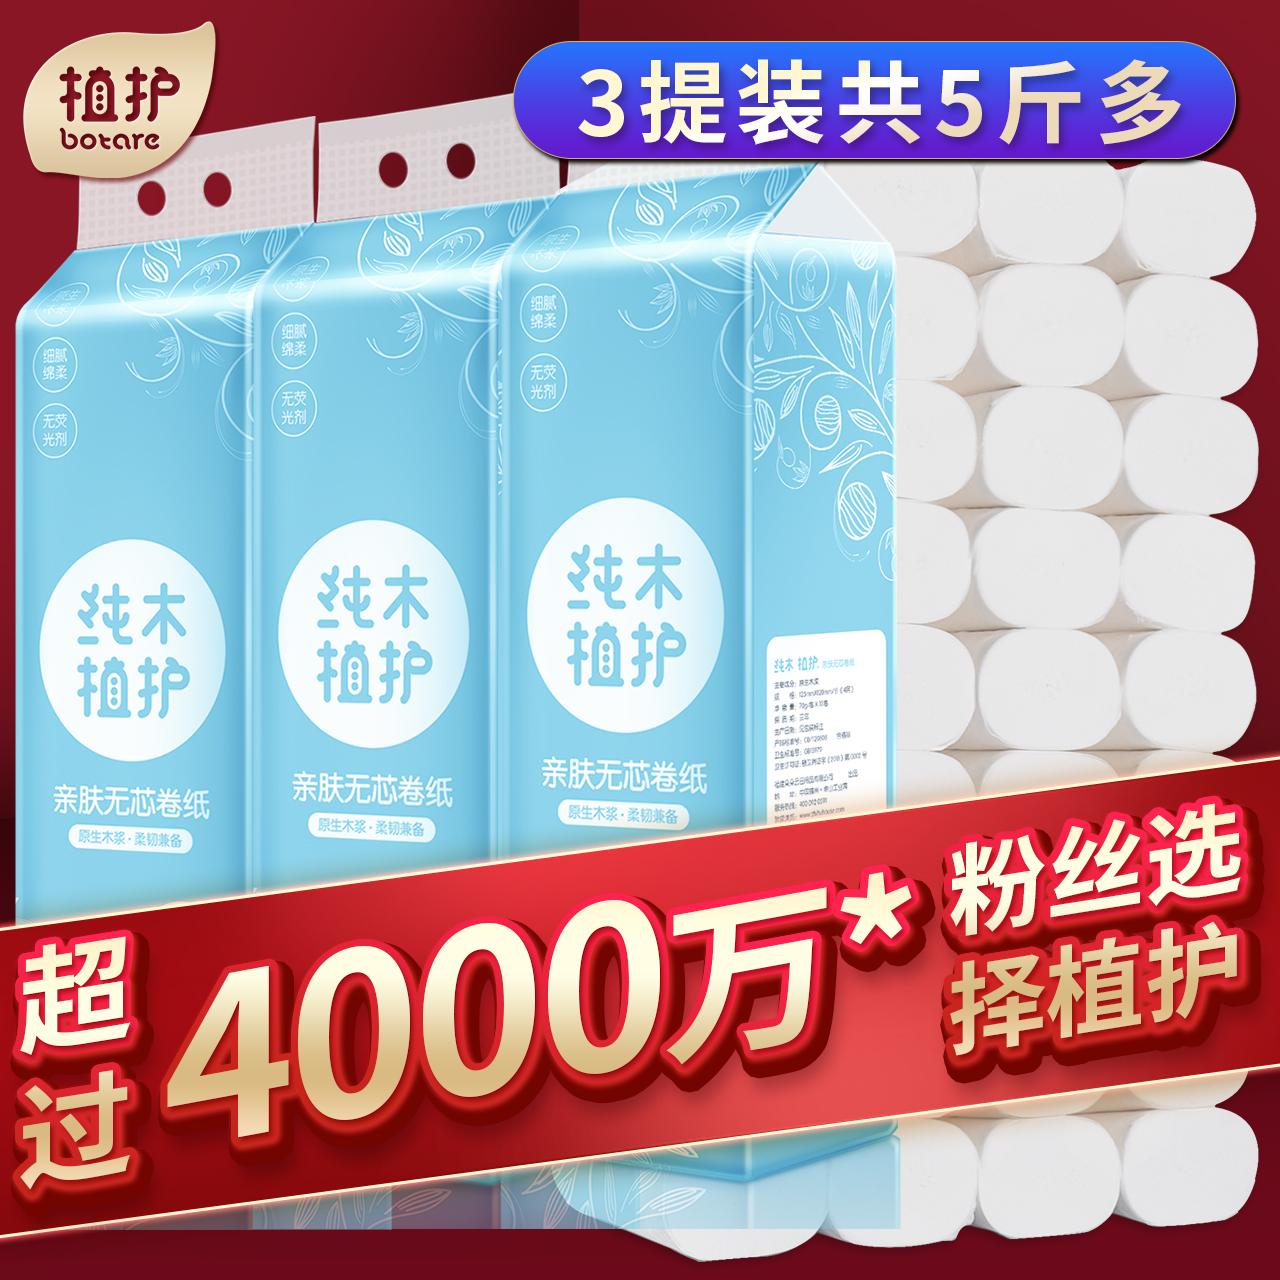 植护无芯卷纸整箱卫生纸巾批发家用家庭装厕所厕纸手纸卷筒纸实惠